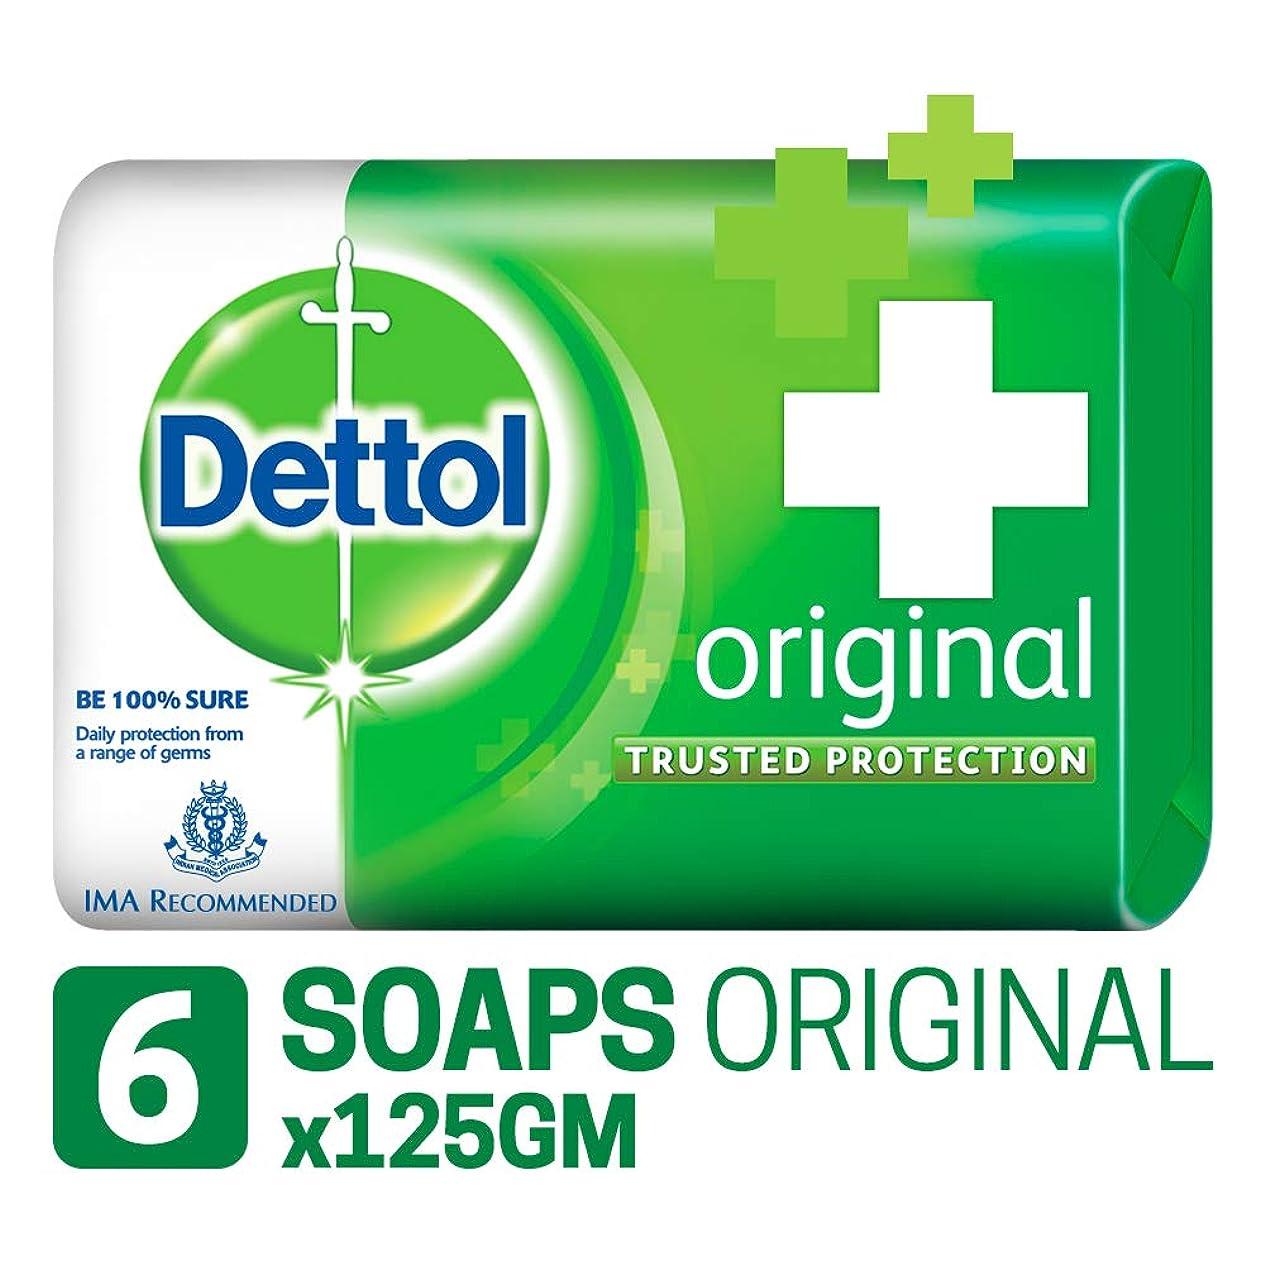 思想仮定風景Dettol Original Soap, 125g (Pack Of 6) SHIP FROM INDIA